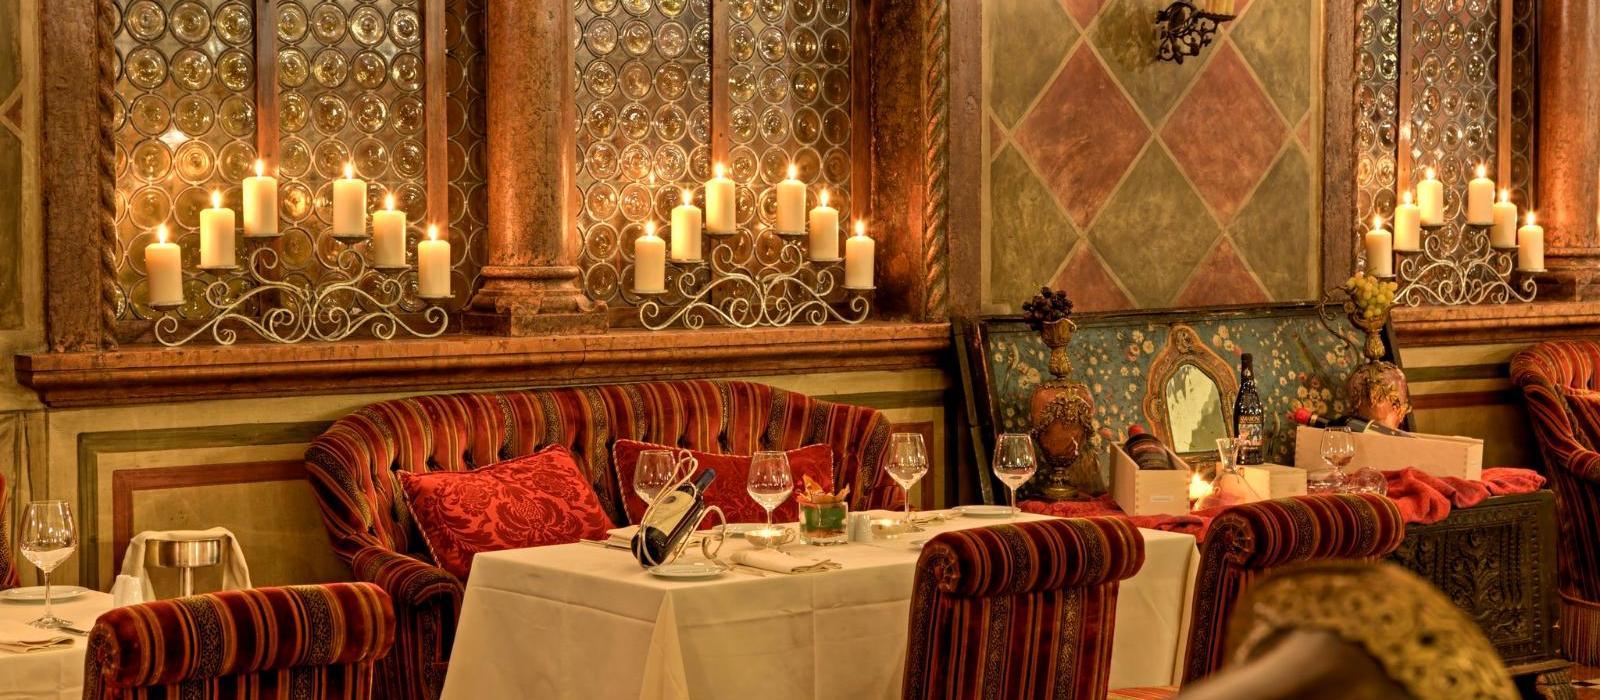 迪拖瑞酒店(Due Torri Hotel) 图片  www.lhw.cn